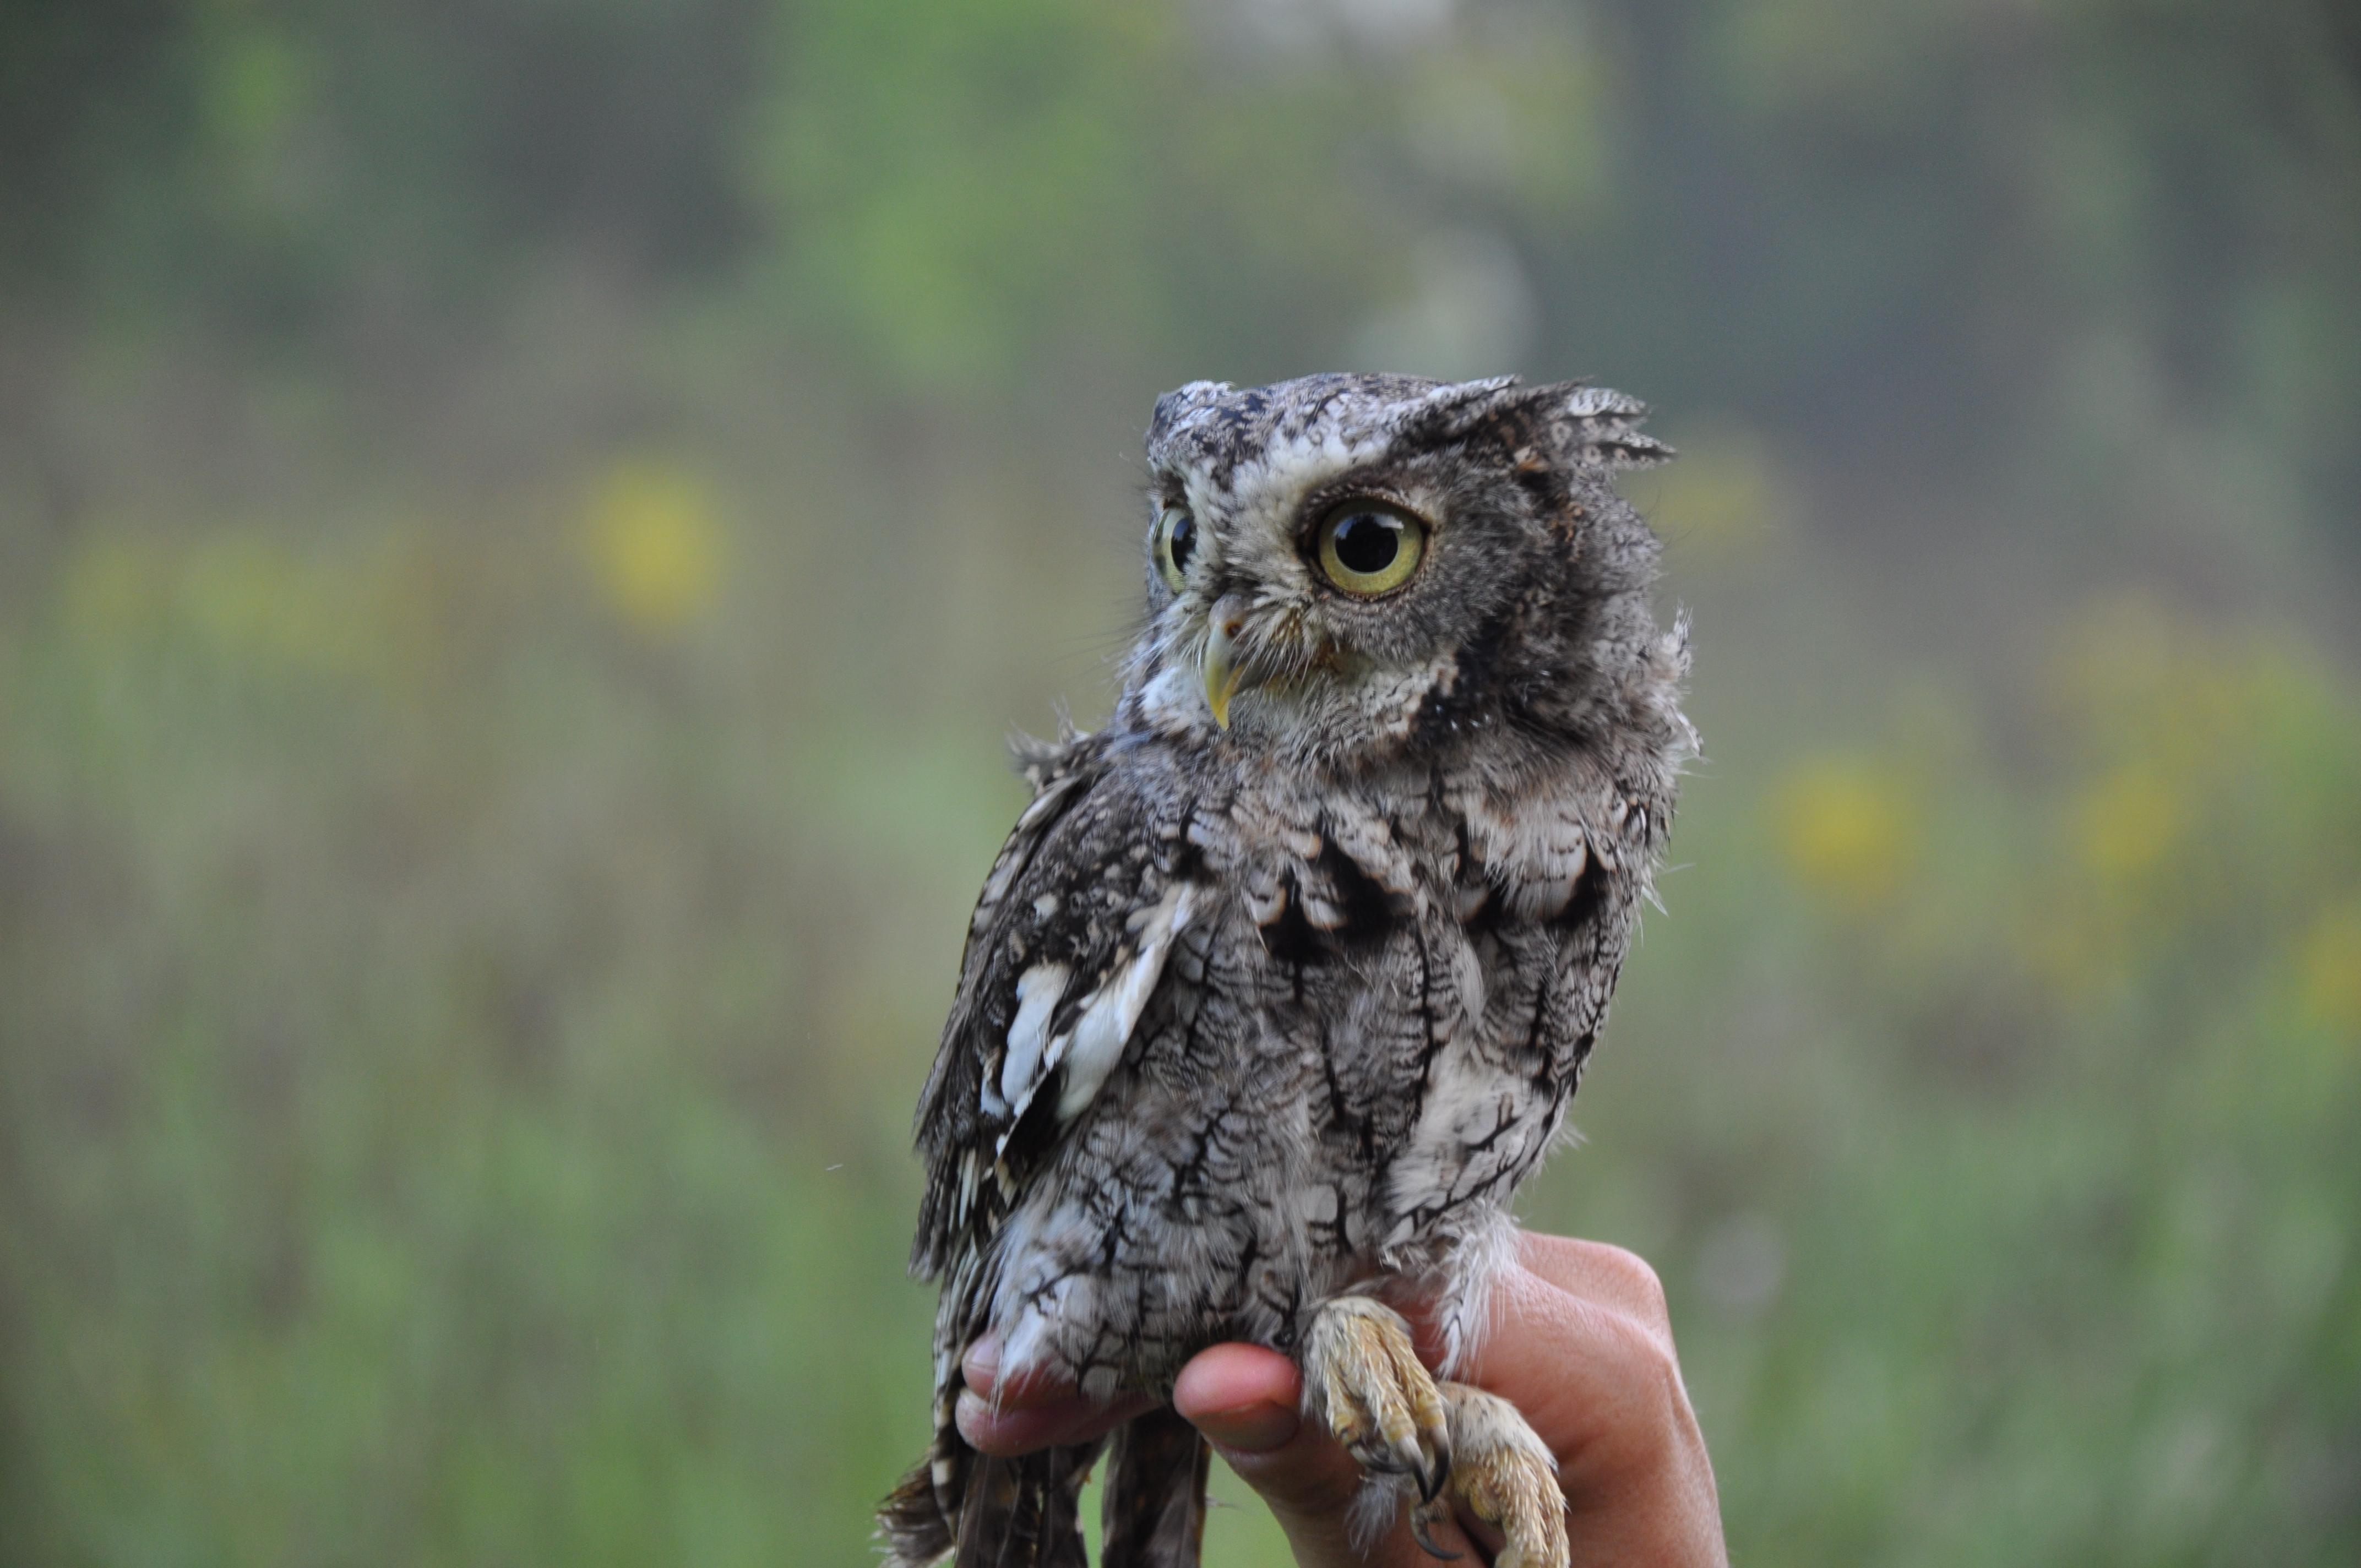 Cute Screech Owl